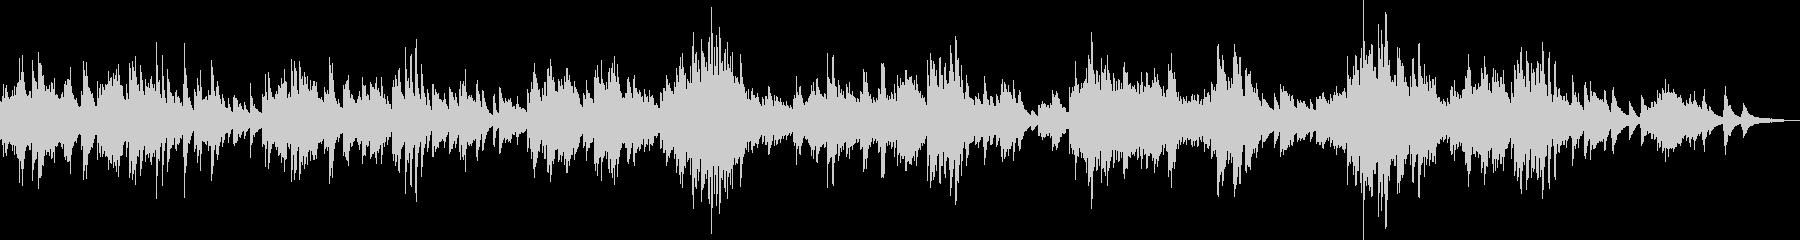 温かくて切ないピアノバラード(優しい)の未再生の波形